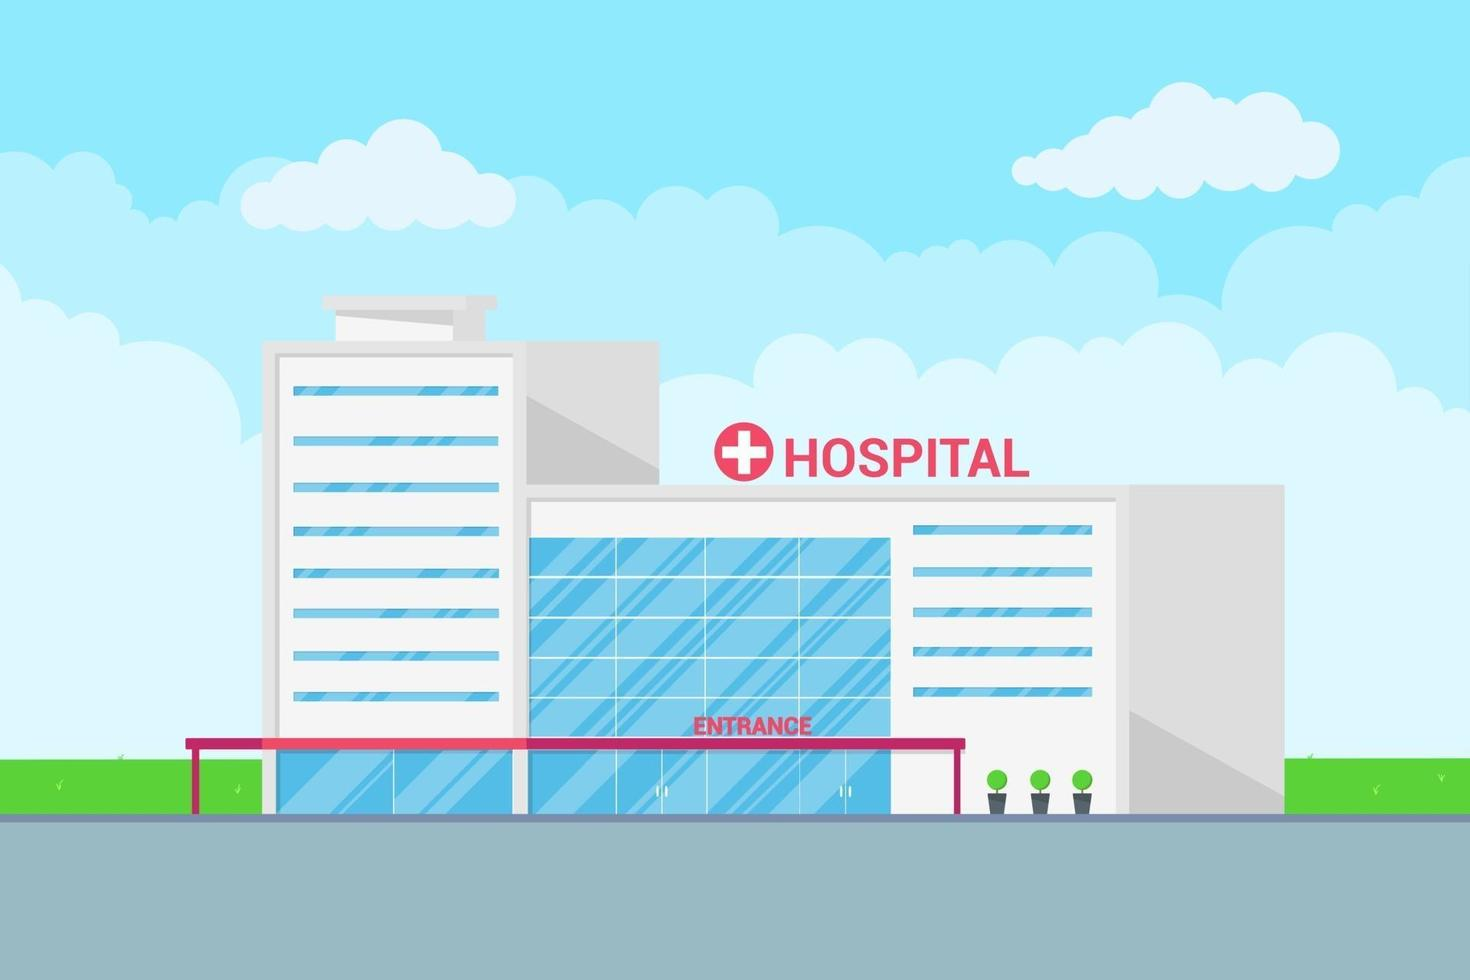 paisagem hospitalar construindo conceito médico. vetor